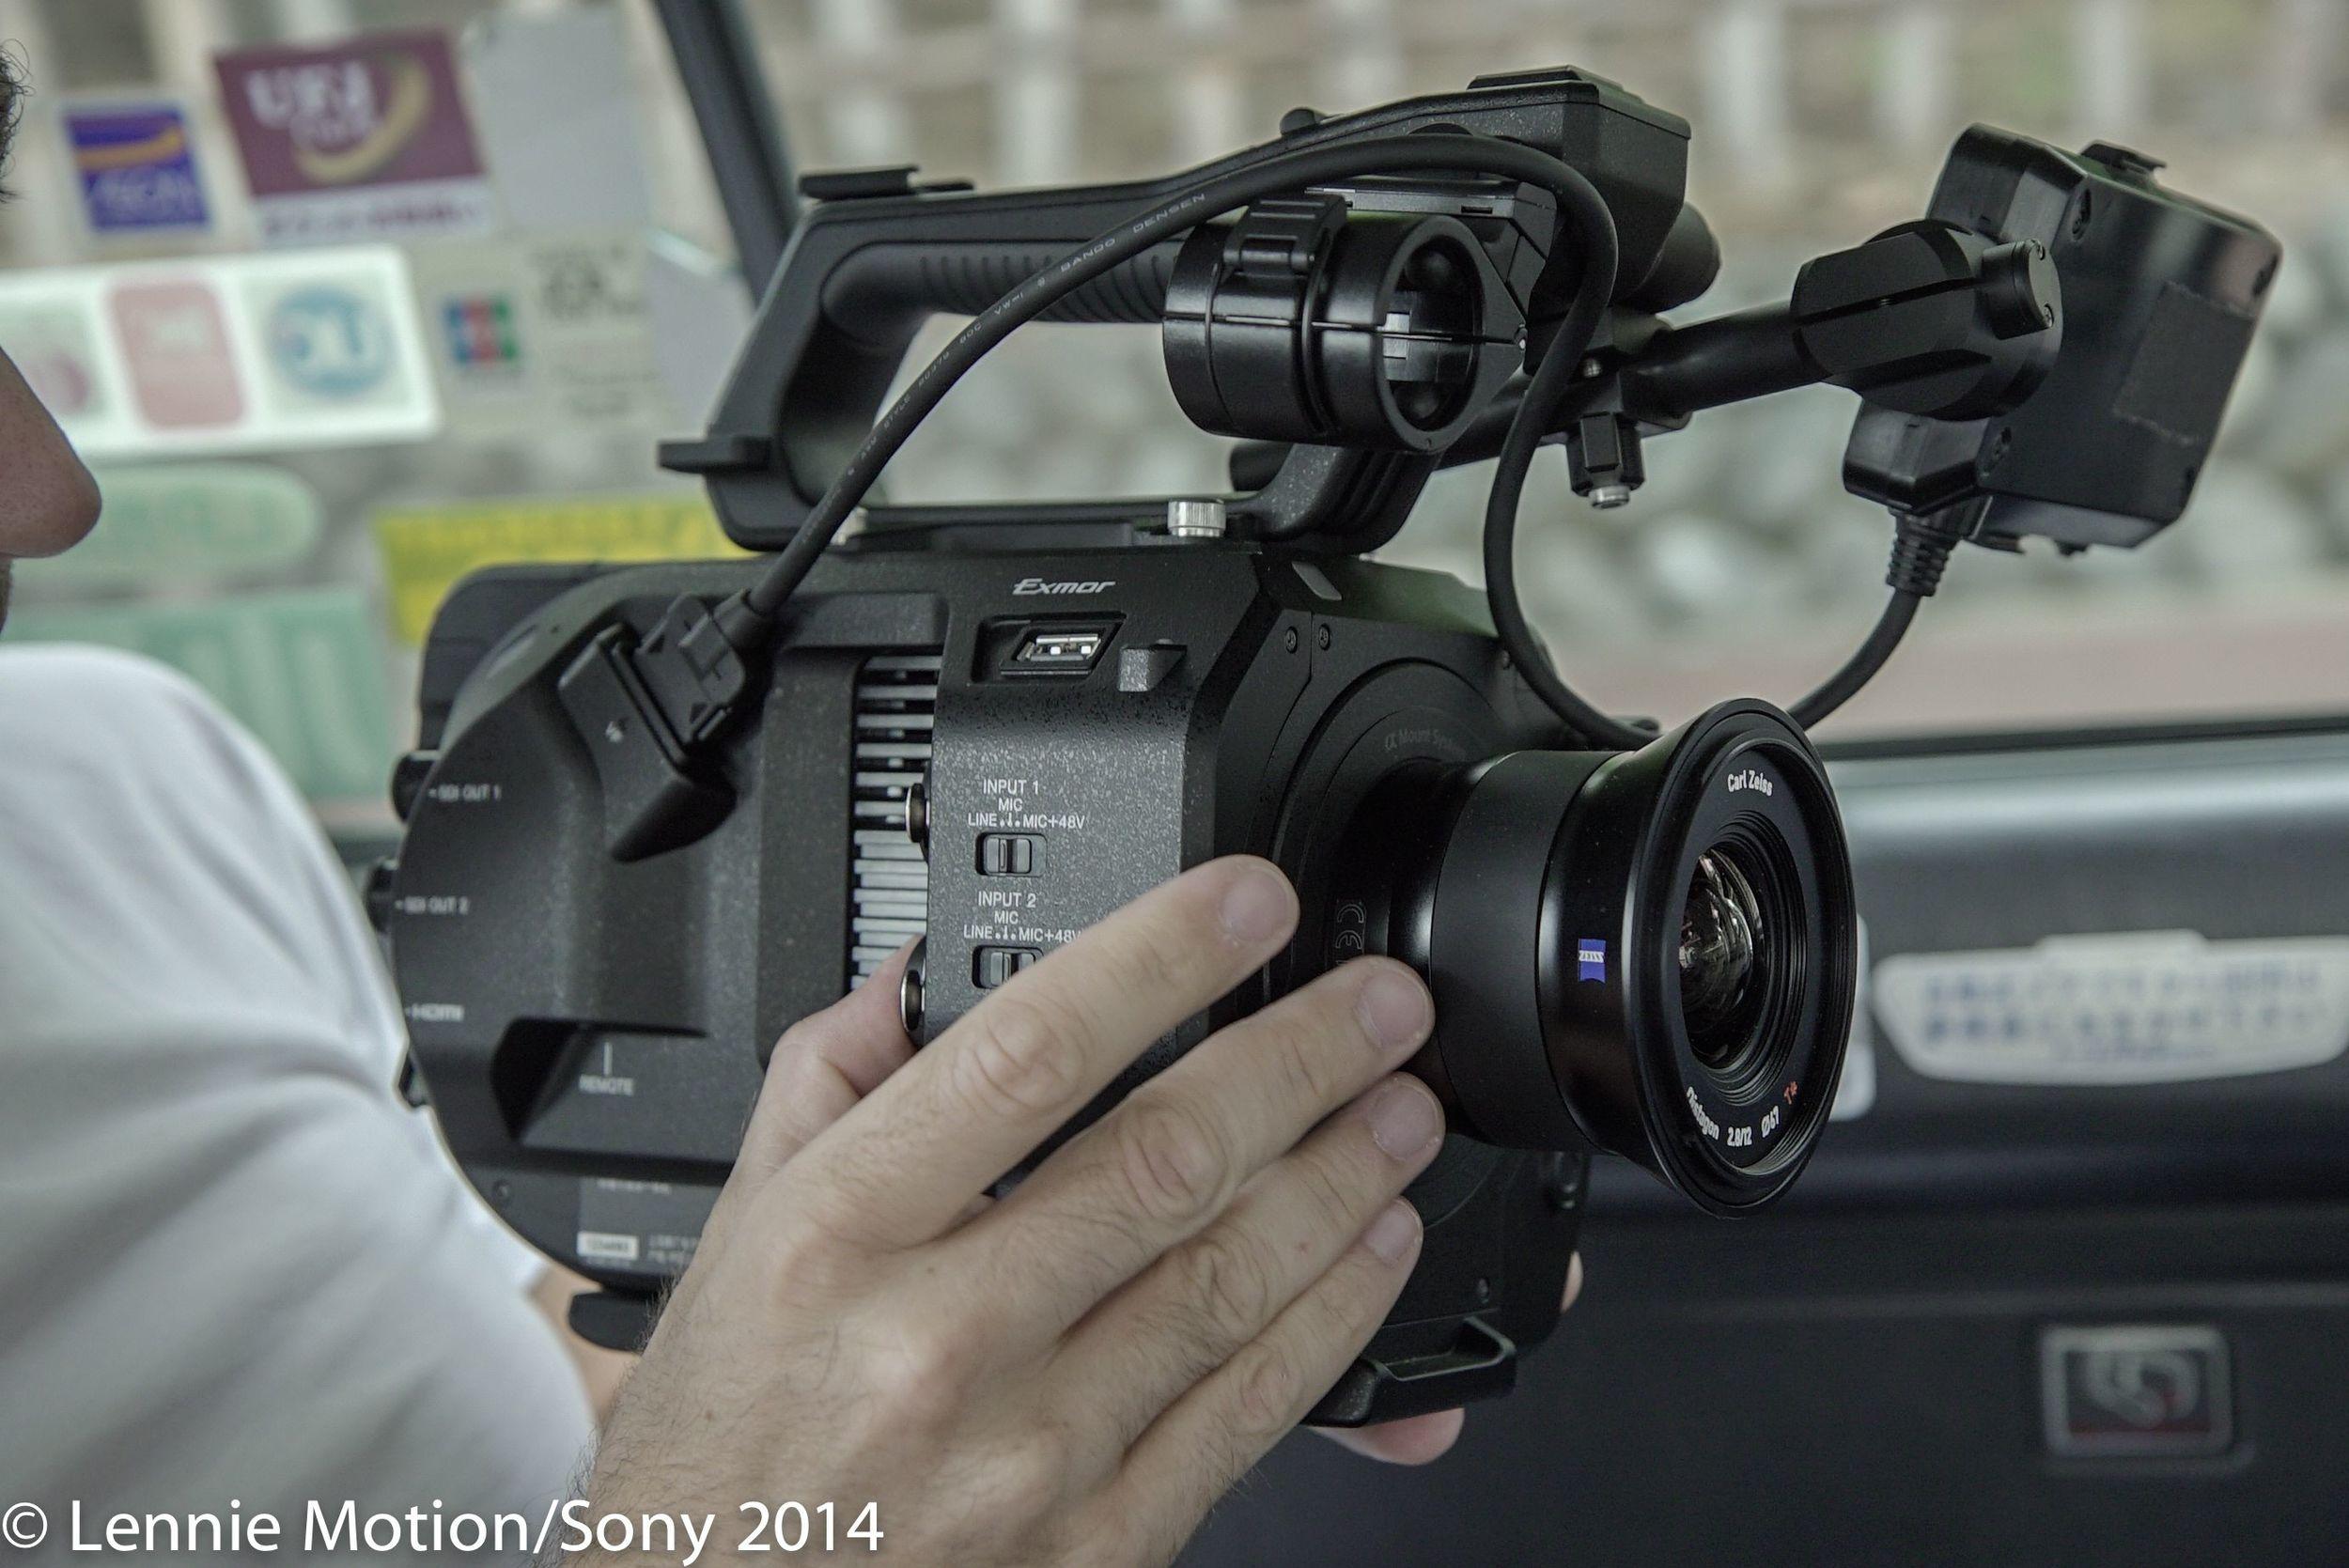 Sony PXW-FS701